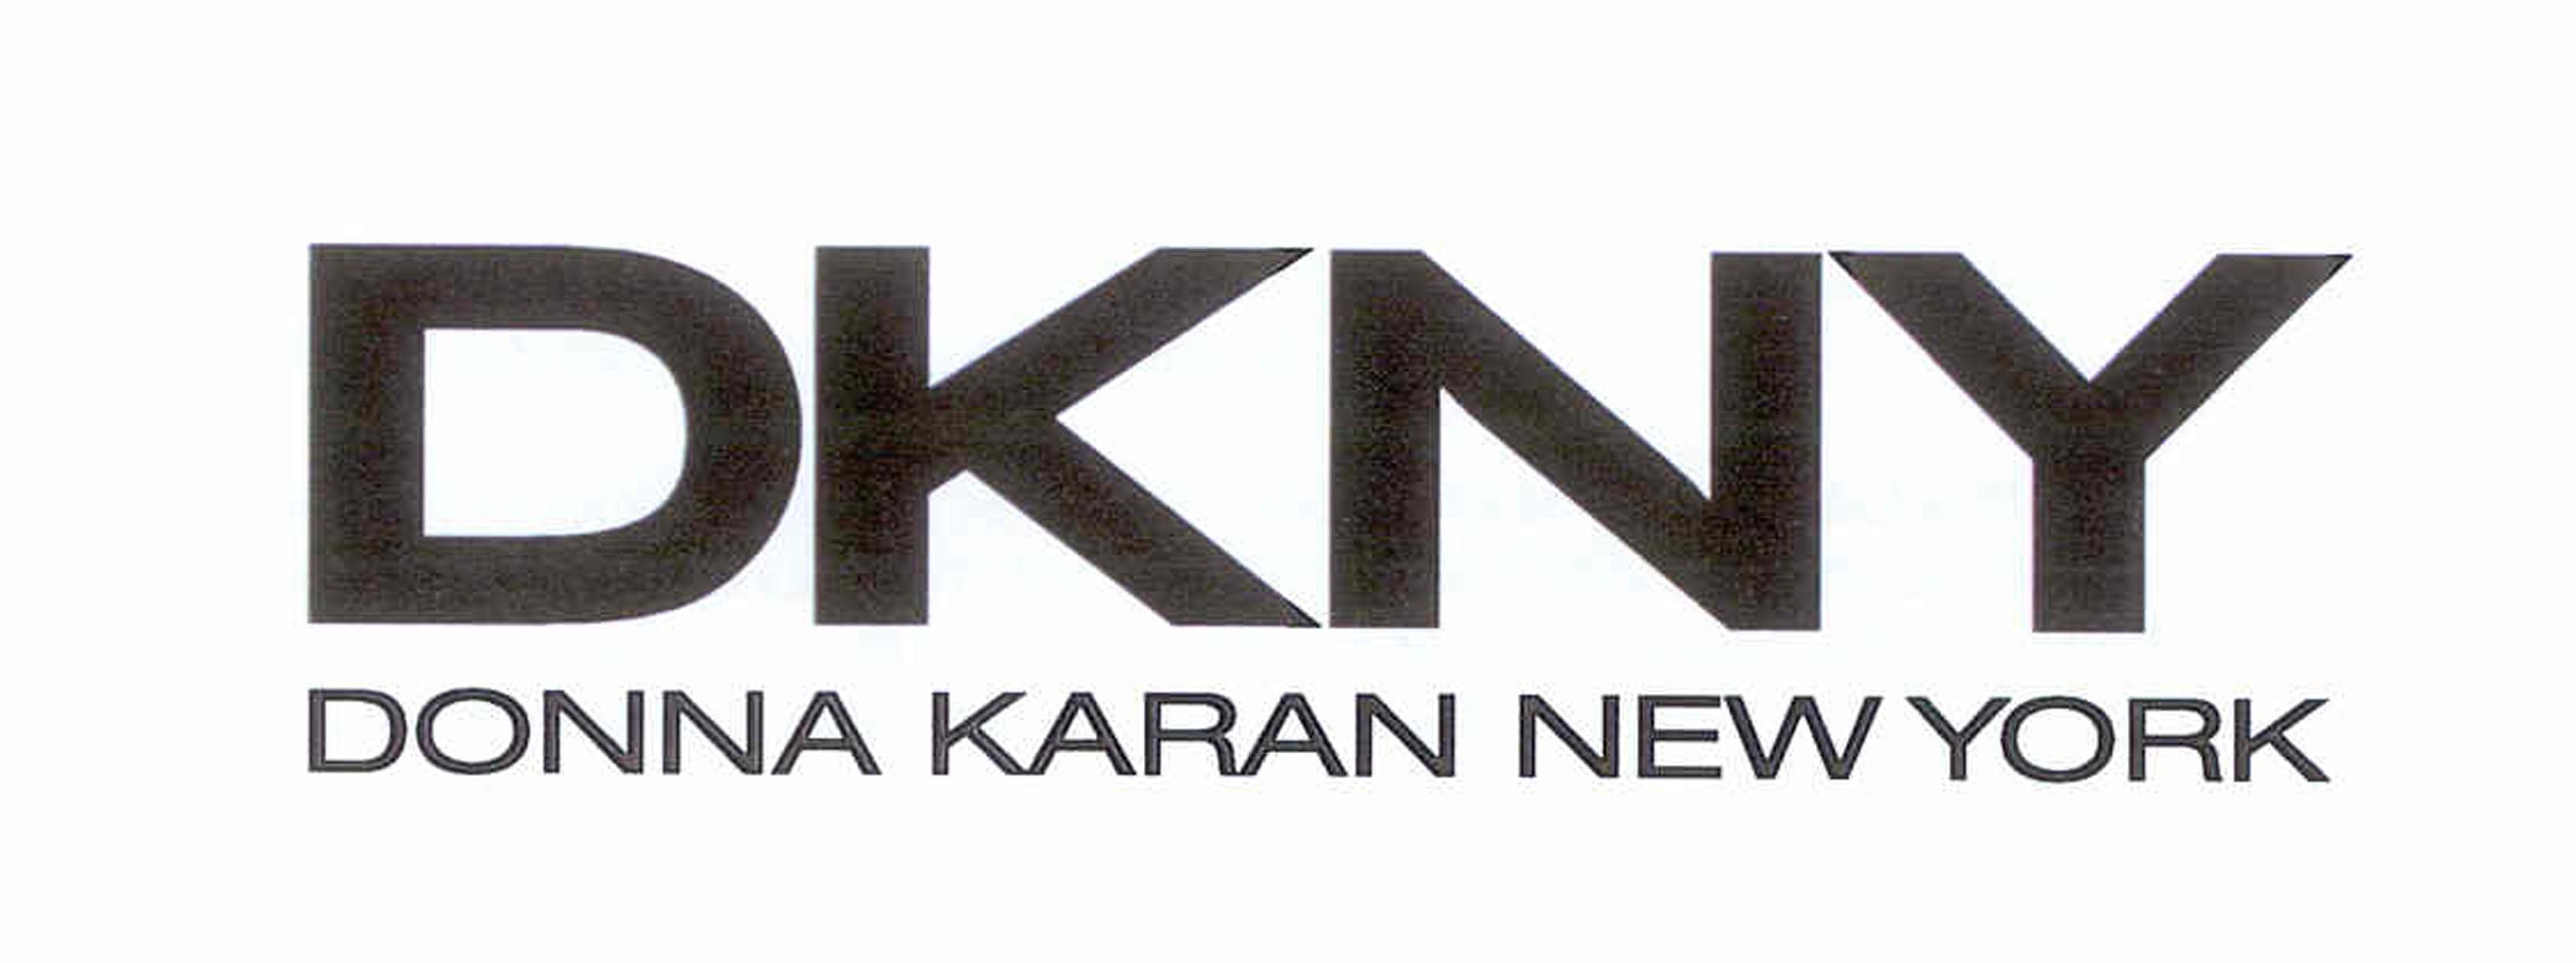 external image logo_dkny1.jpg